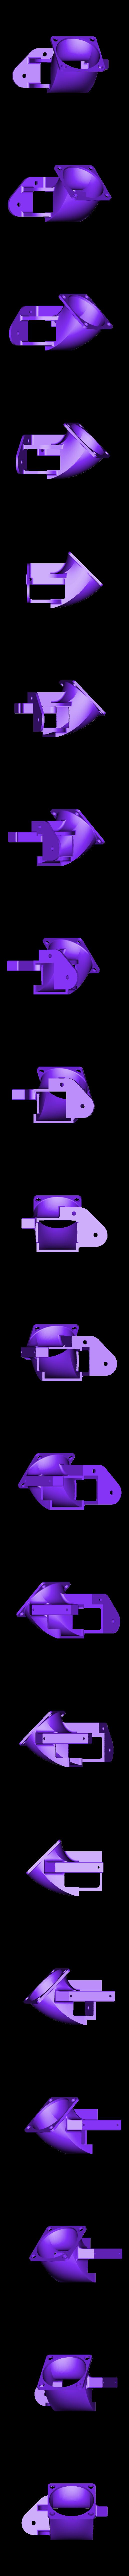 Fan_Vent_With_Part_Fan_Mount.STL Download free STL file Upgraded TEVO Tornado Hot End Fan Mount • 3D print object, 3D_Cre8or